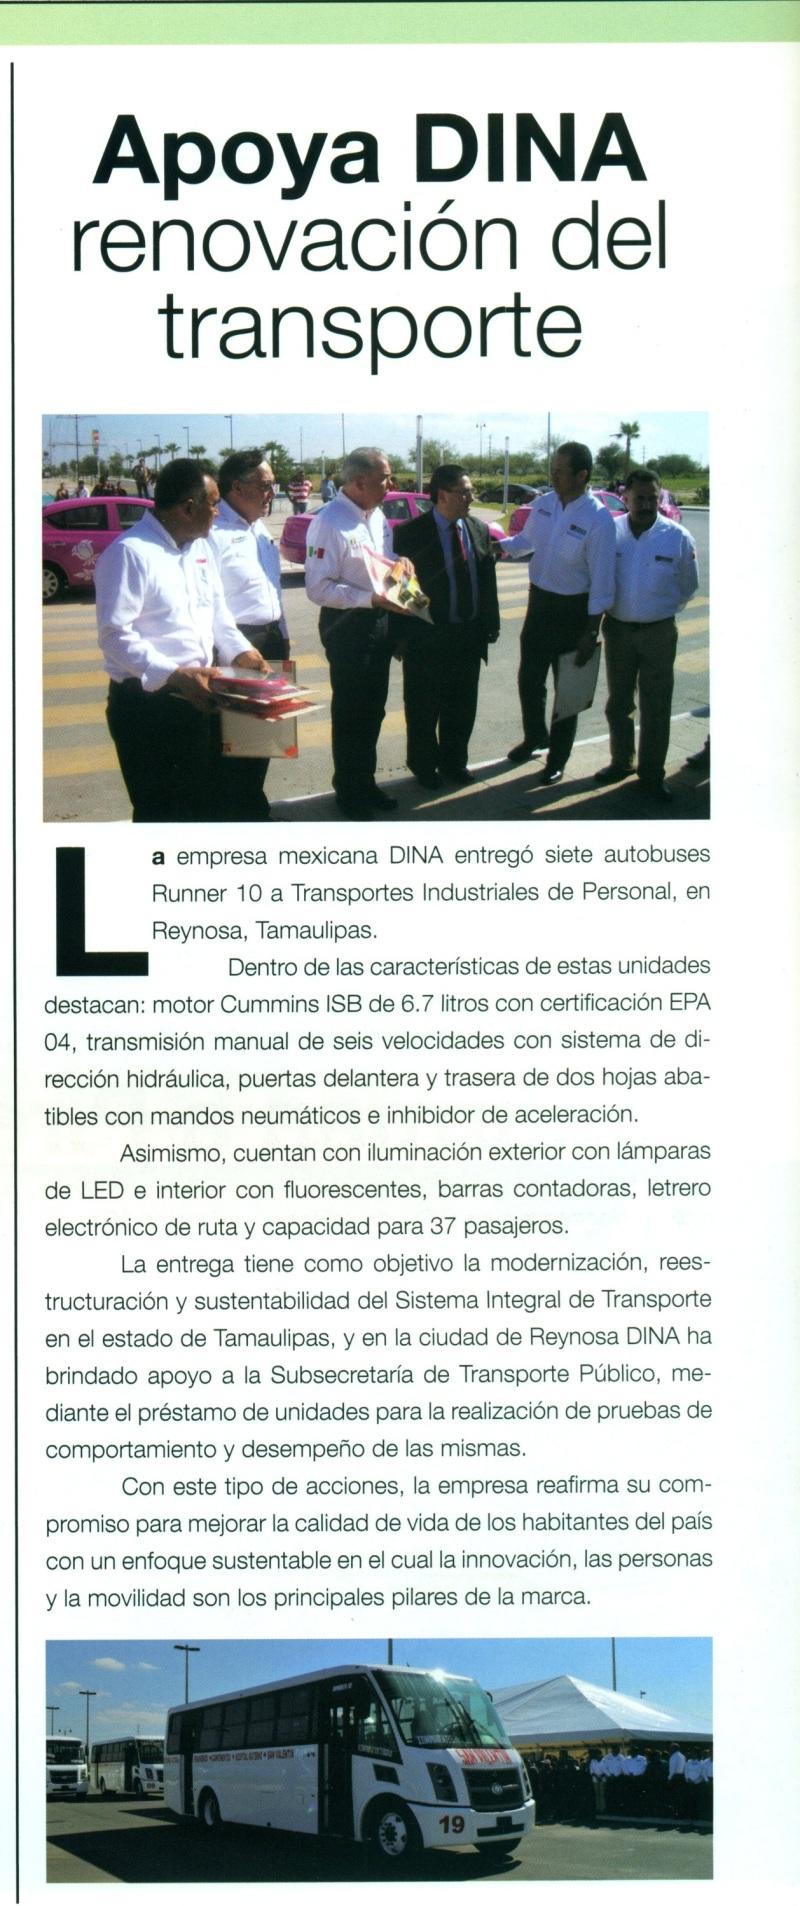 Revista %22Magazzine del Transporte%22 Febrero 2014 Pag. 30